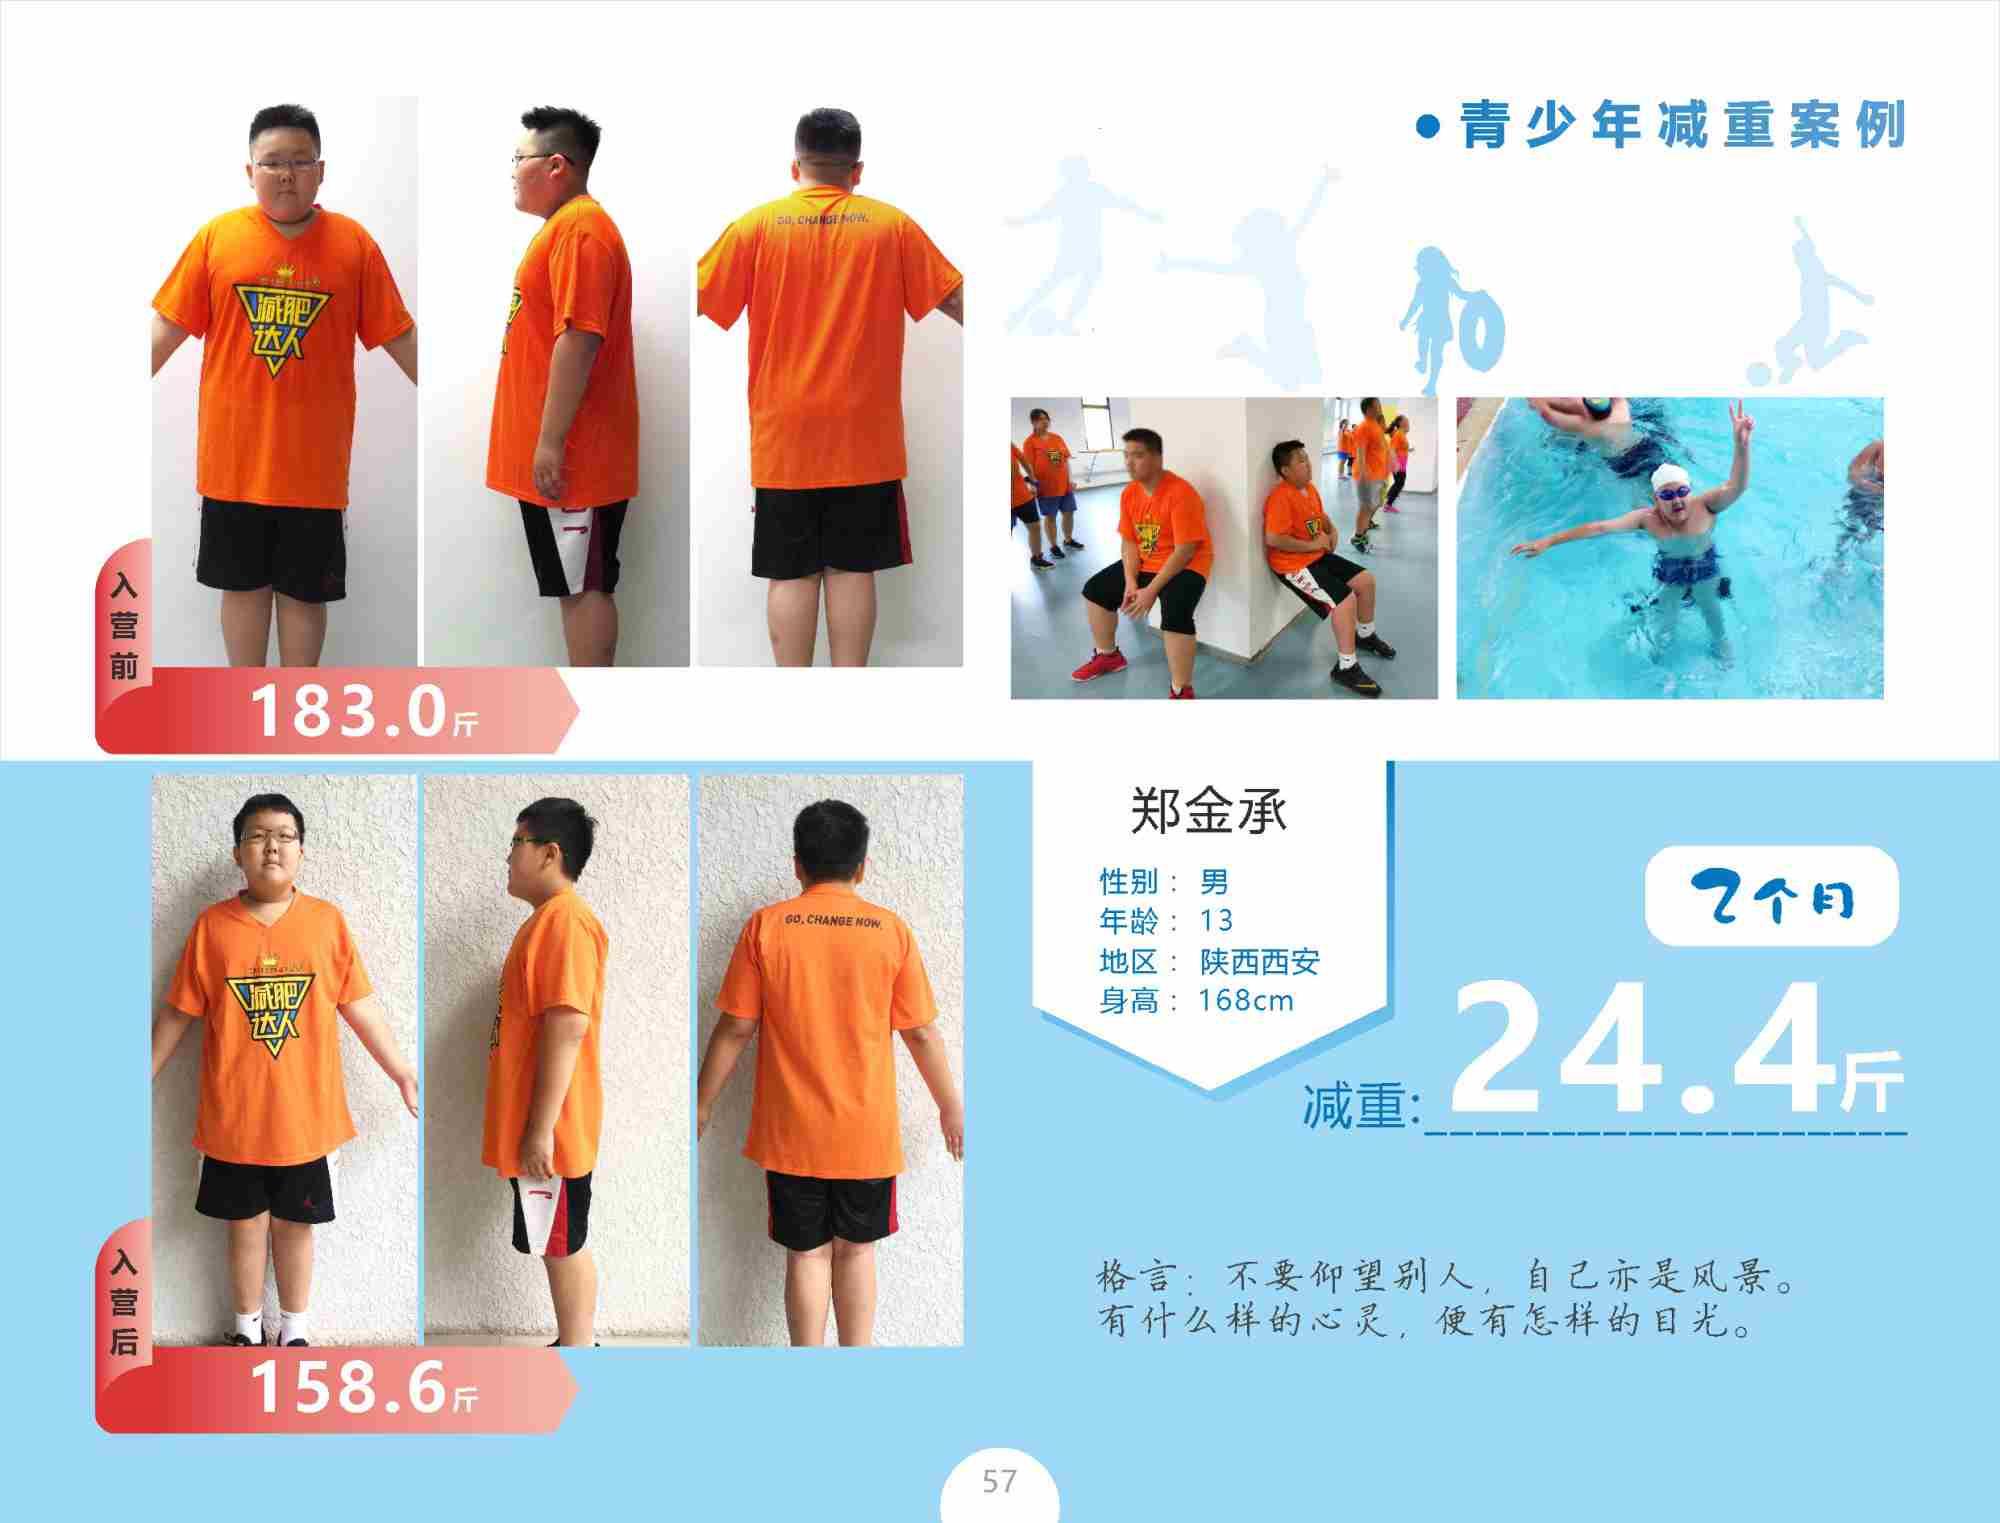 青少年减肥案例郑金承减重24.4斤